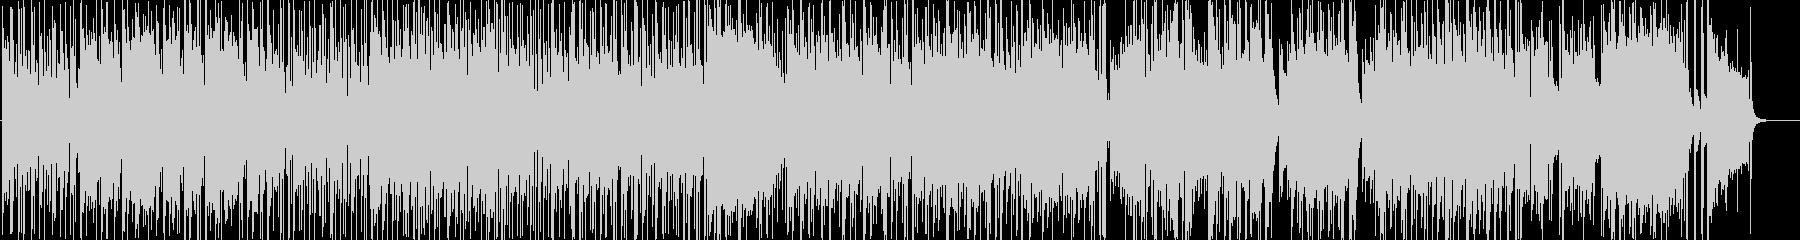 昭和に流行ったマンボの定番の未再生の波形